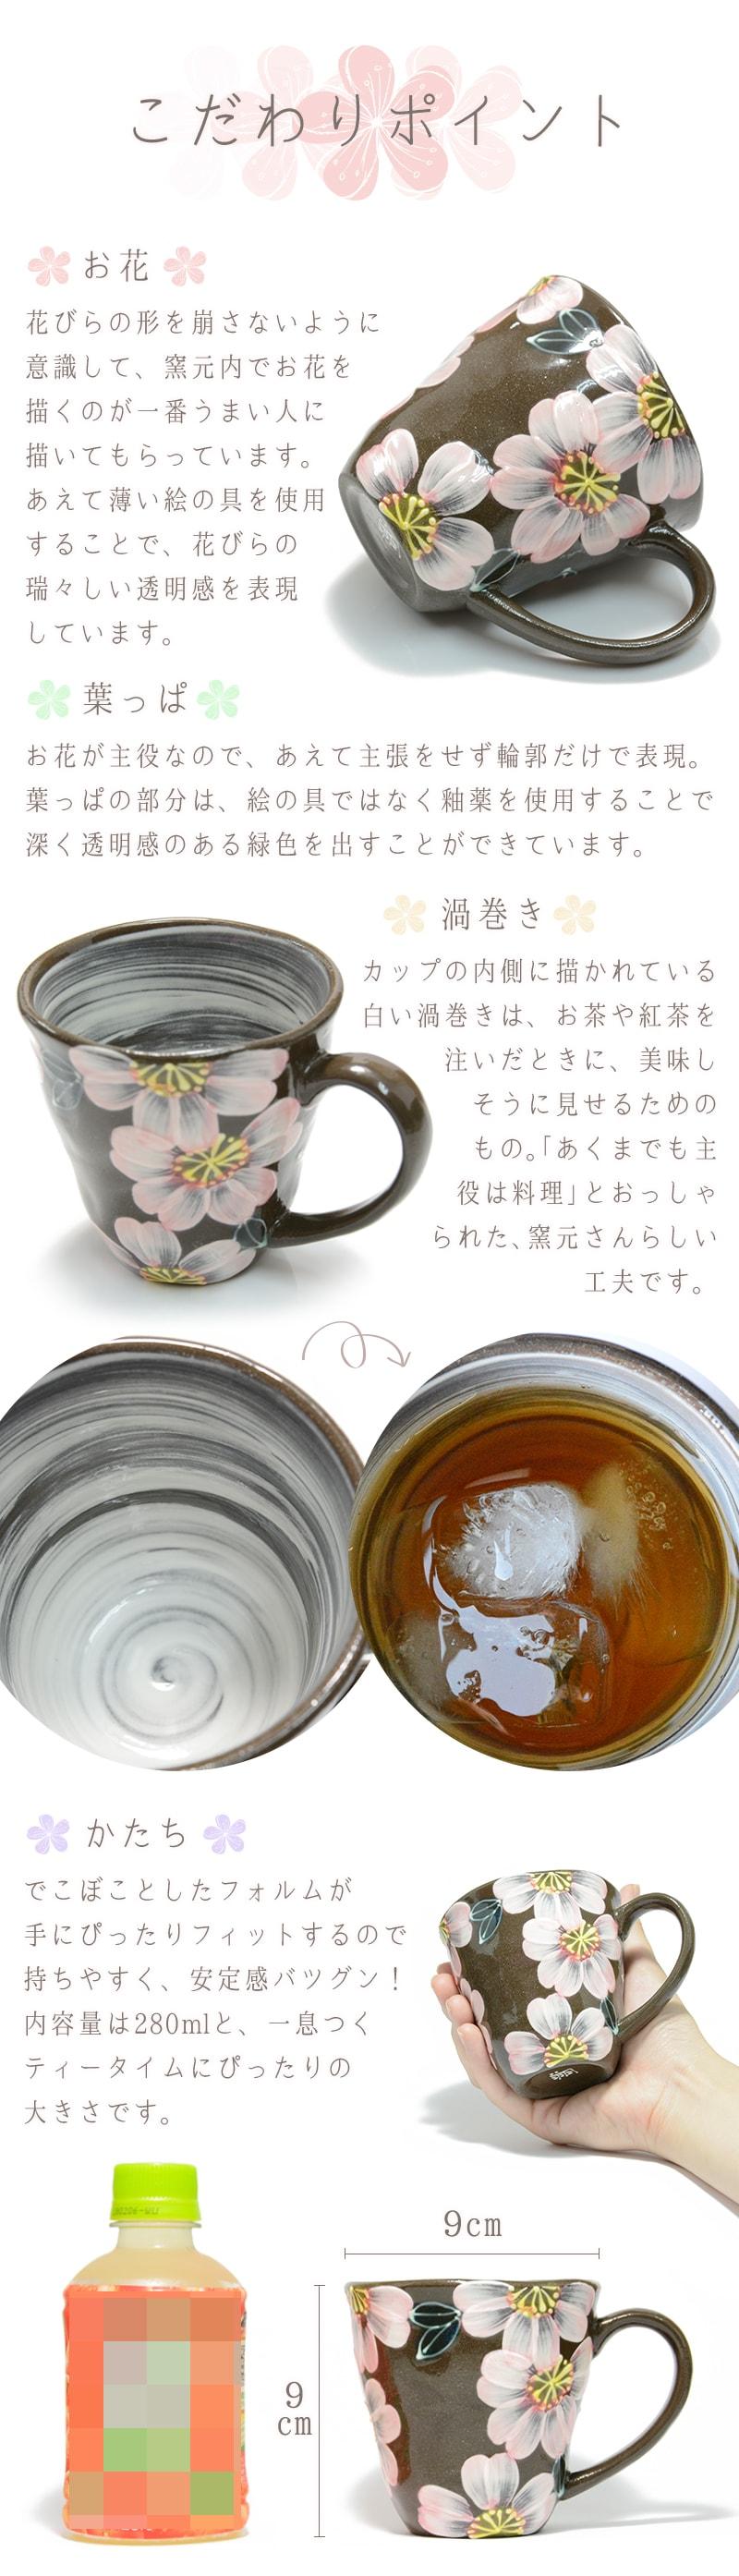 こだわりポイント。あえて薄い絵の具を使用することで、花びらの瑞々しい透明感を表現しています。